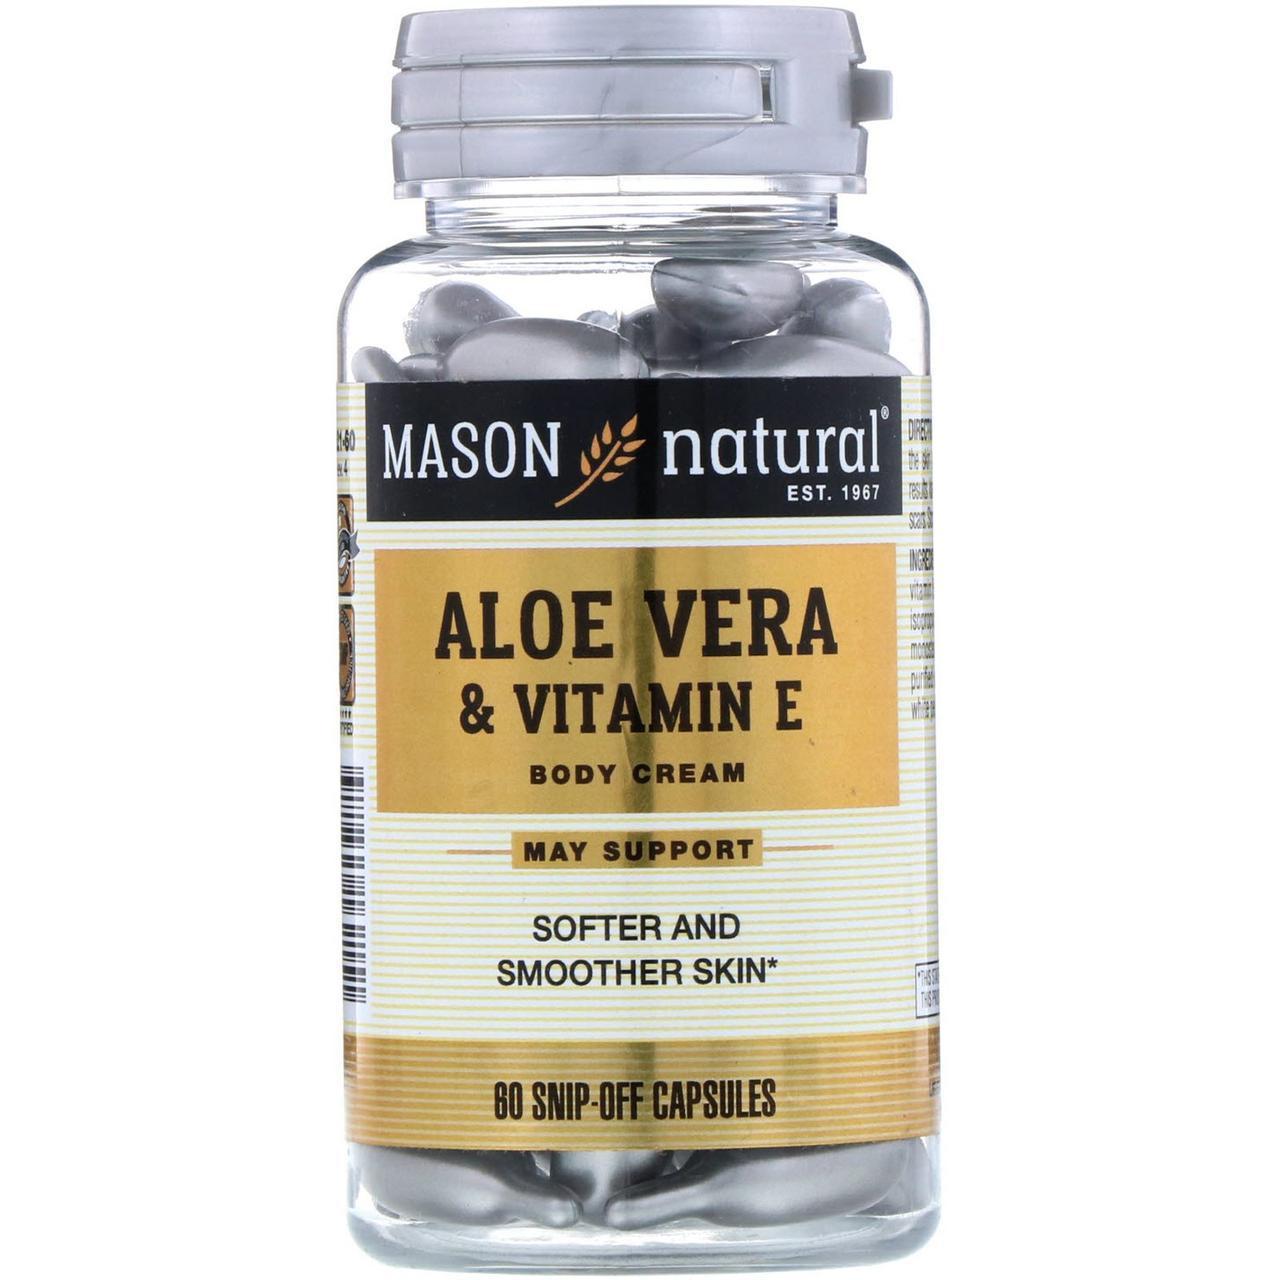 Алоэ вера и витамин Е, натуральный крем, 60 отрезных капсул Mason Natural